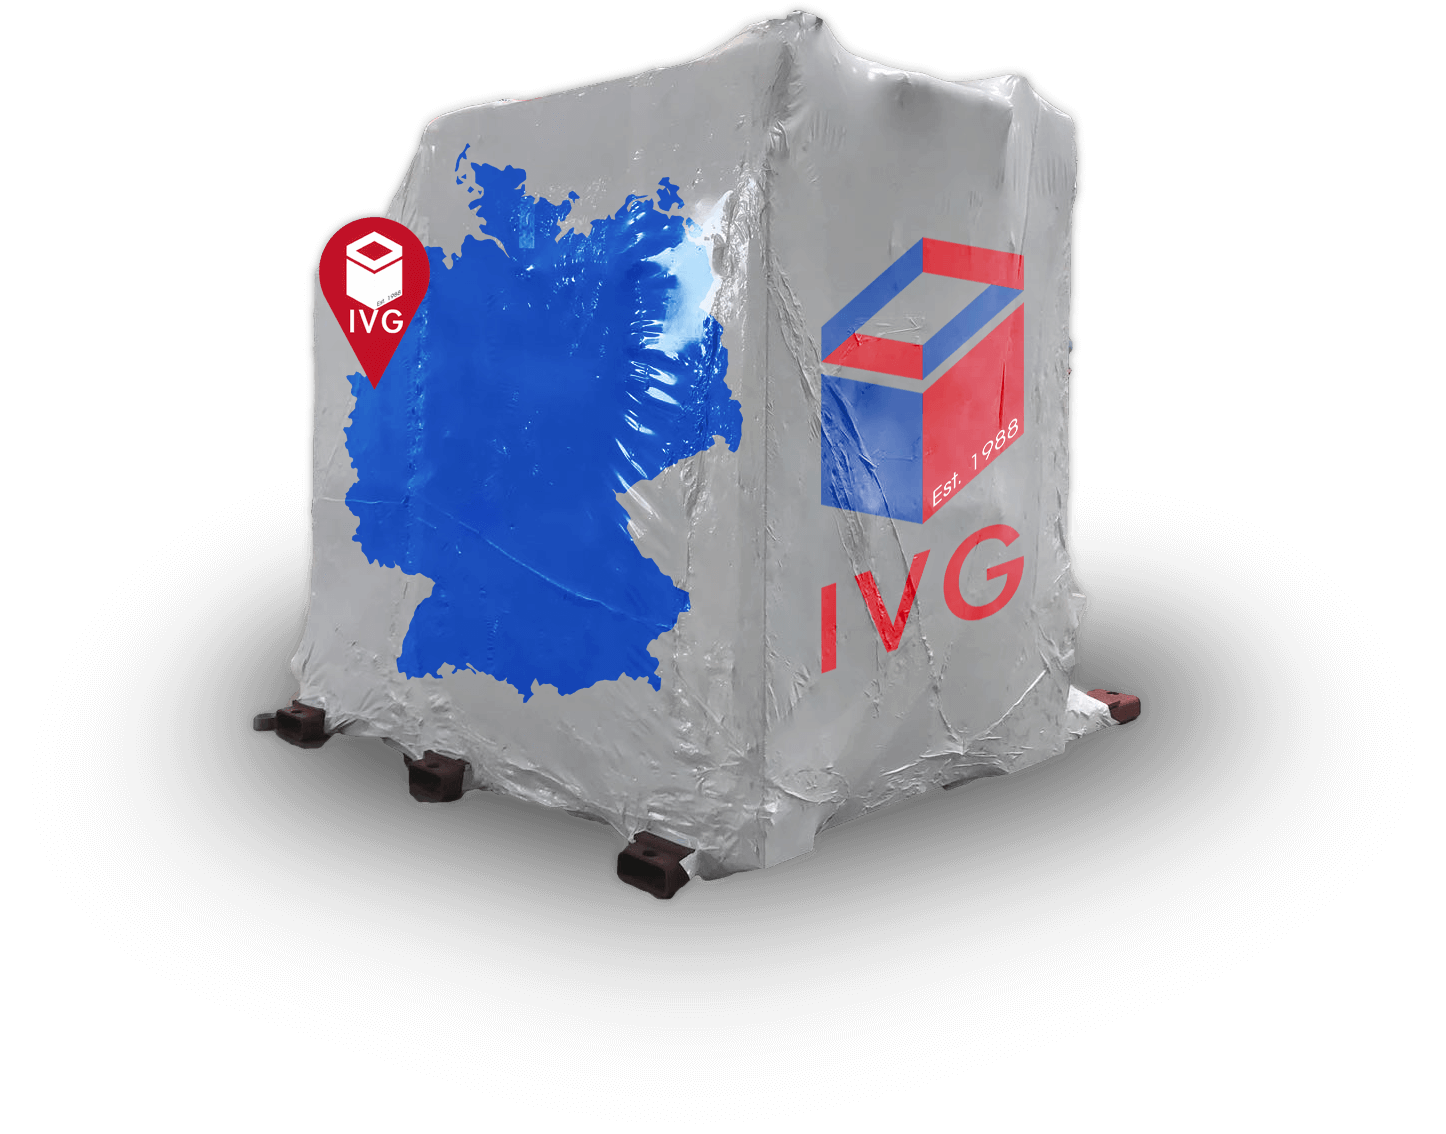 Ivg-standort-Karte-mit-kiste